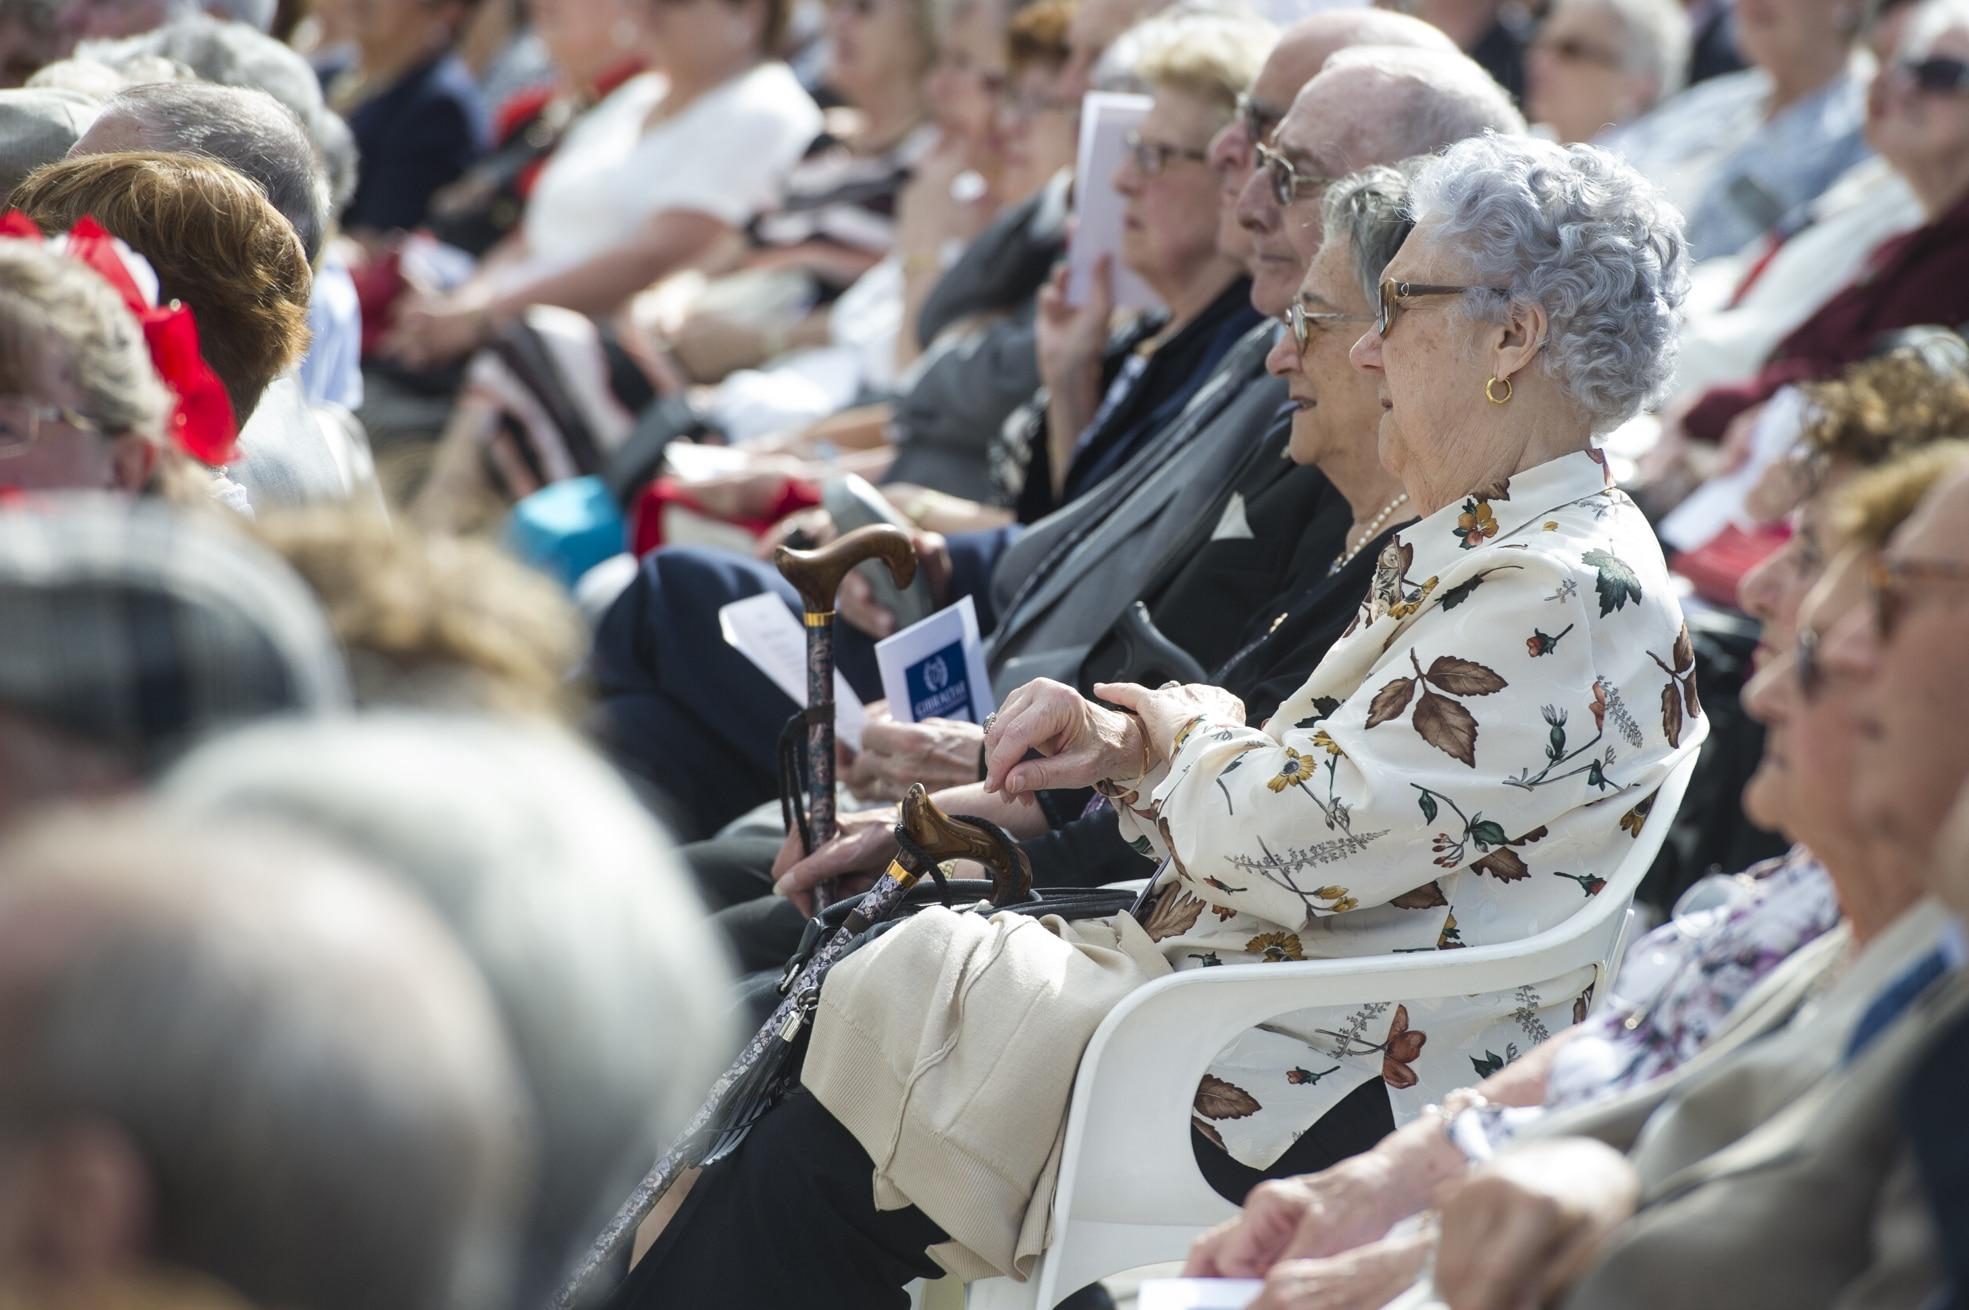 ceremonia-75-anos-evacuacion-gibraltar-22052015-17_17807340878_o